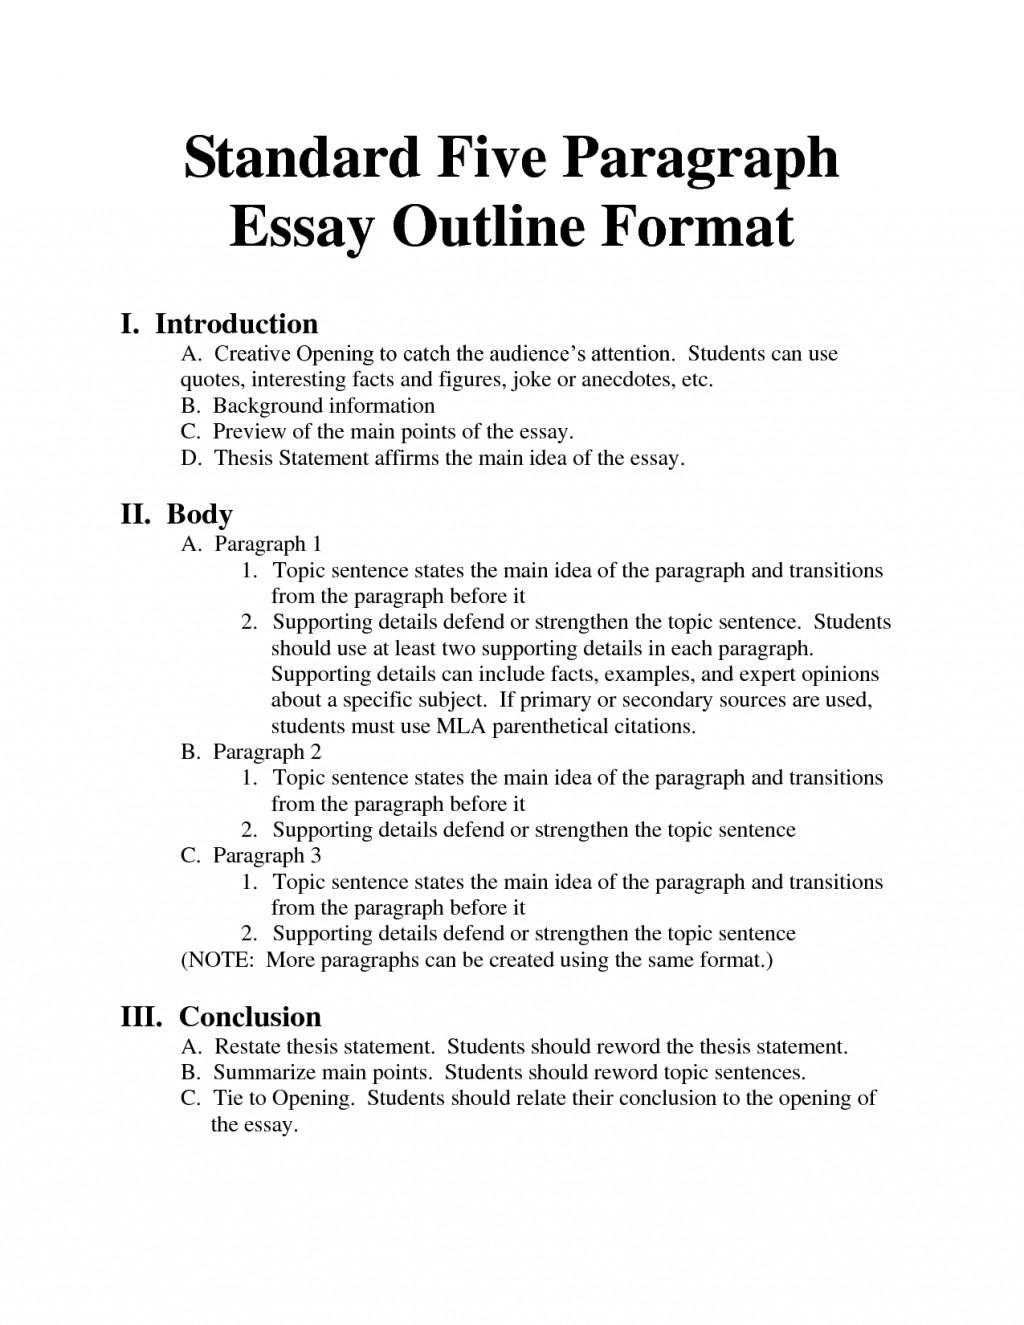 004 Outline Of Essay Impressive Argumentative Sample Mla Format Large